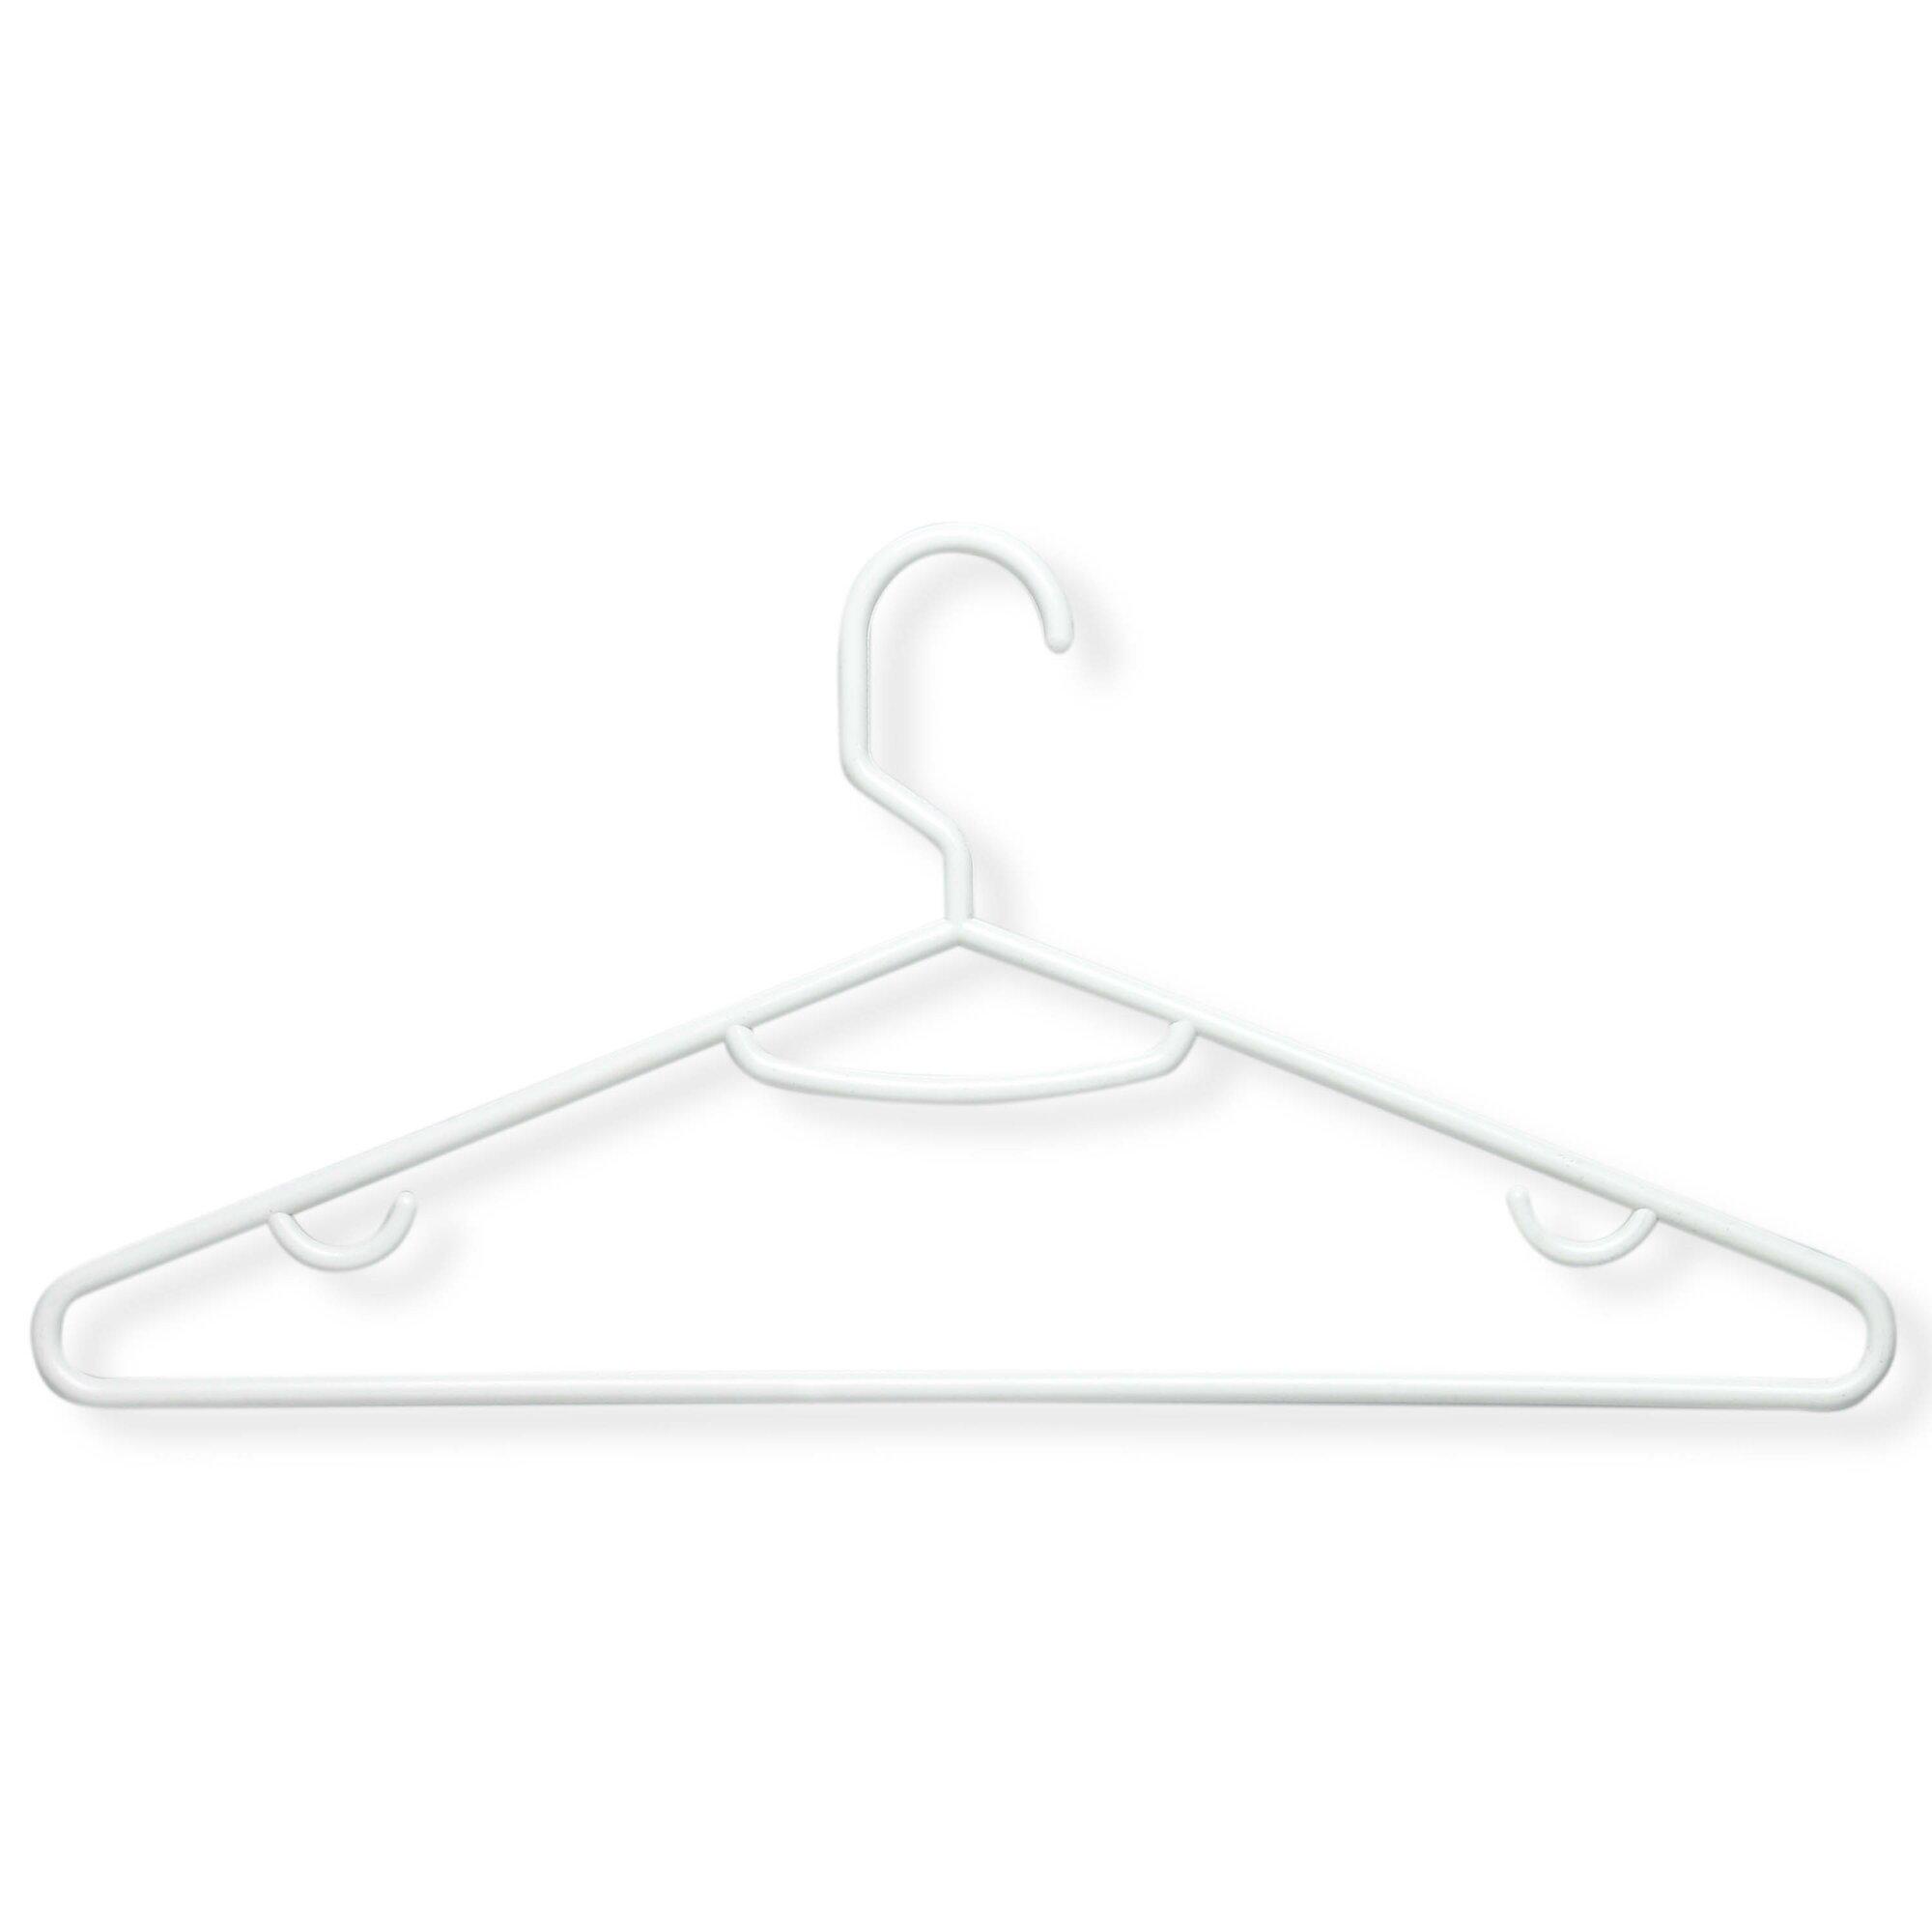 wayfair allmodern - wayfair basics plastic tubular nonslip hanger reviews allmodern